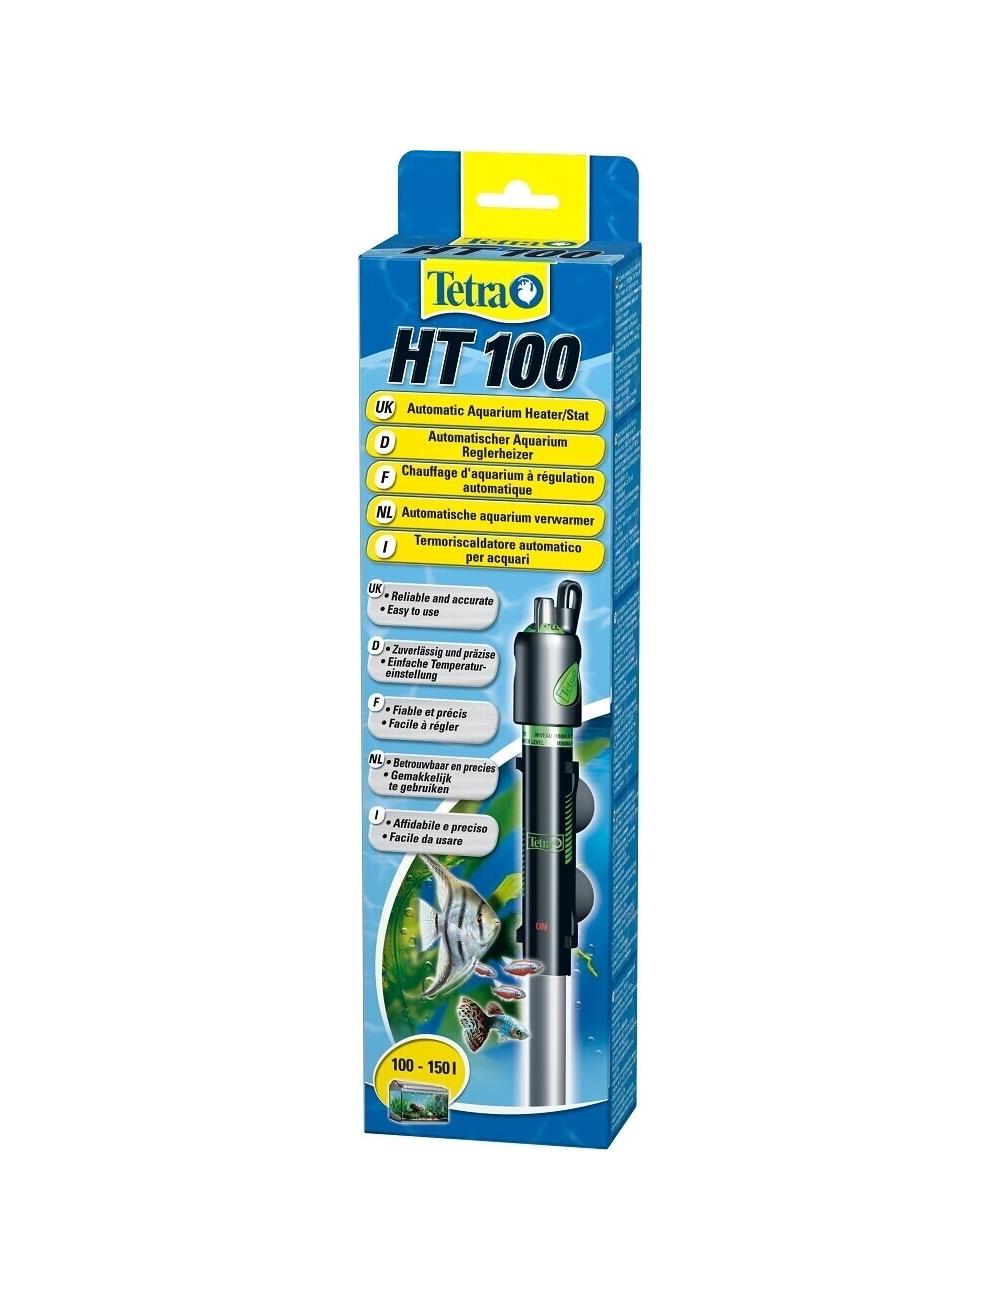 TETRA - HT 100 - Chauffage pour aquarium jusqu'à 100 litres.